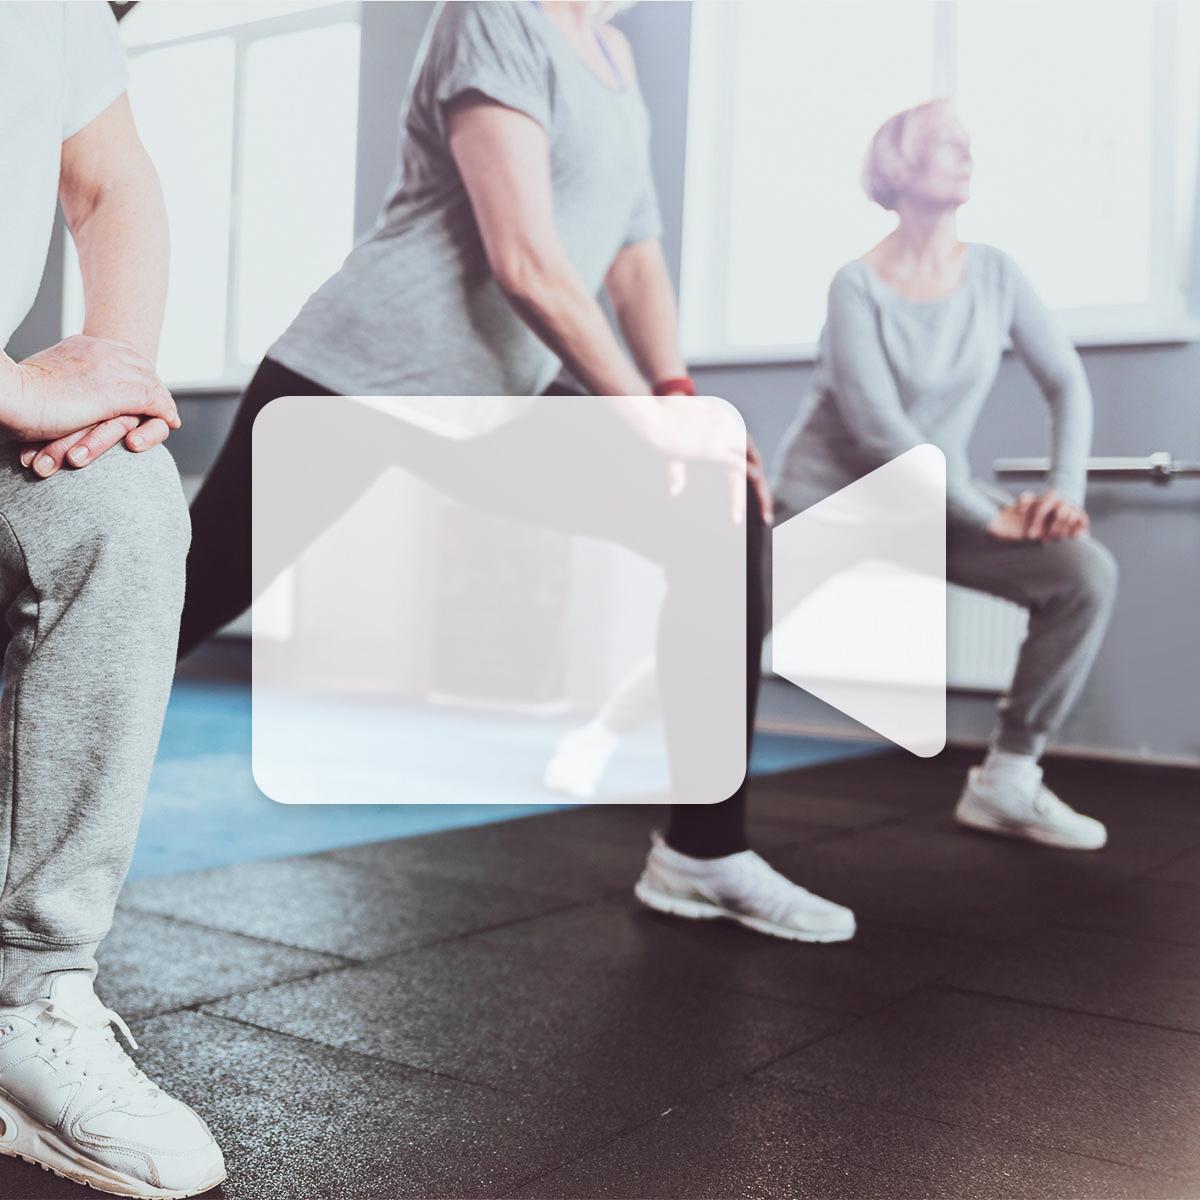 En ligne - Conditionnement physique (Jeudi)